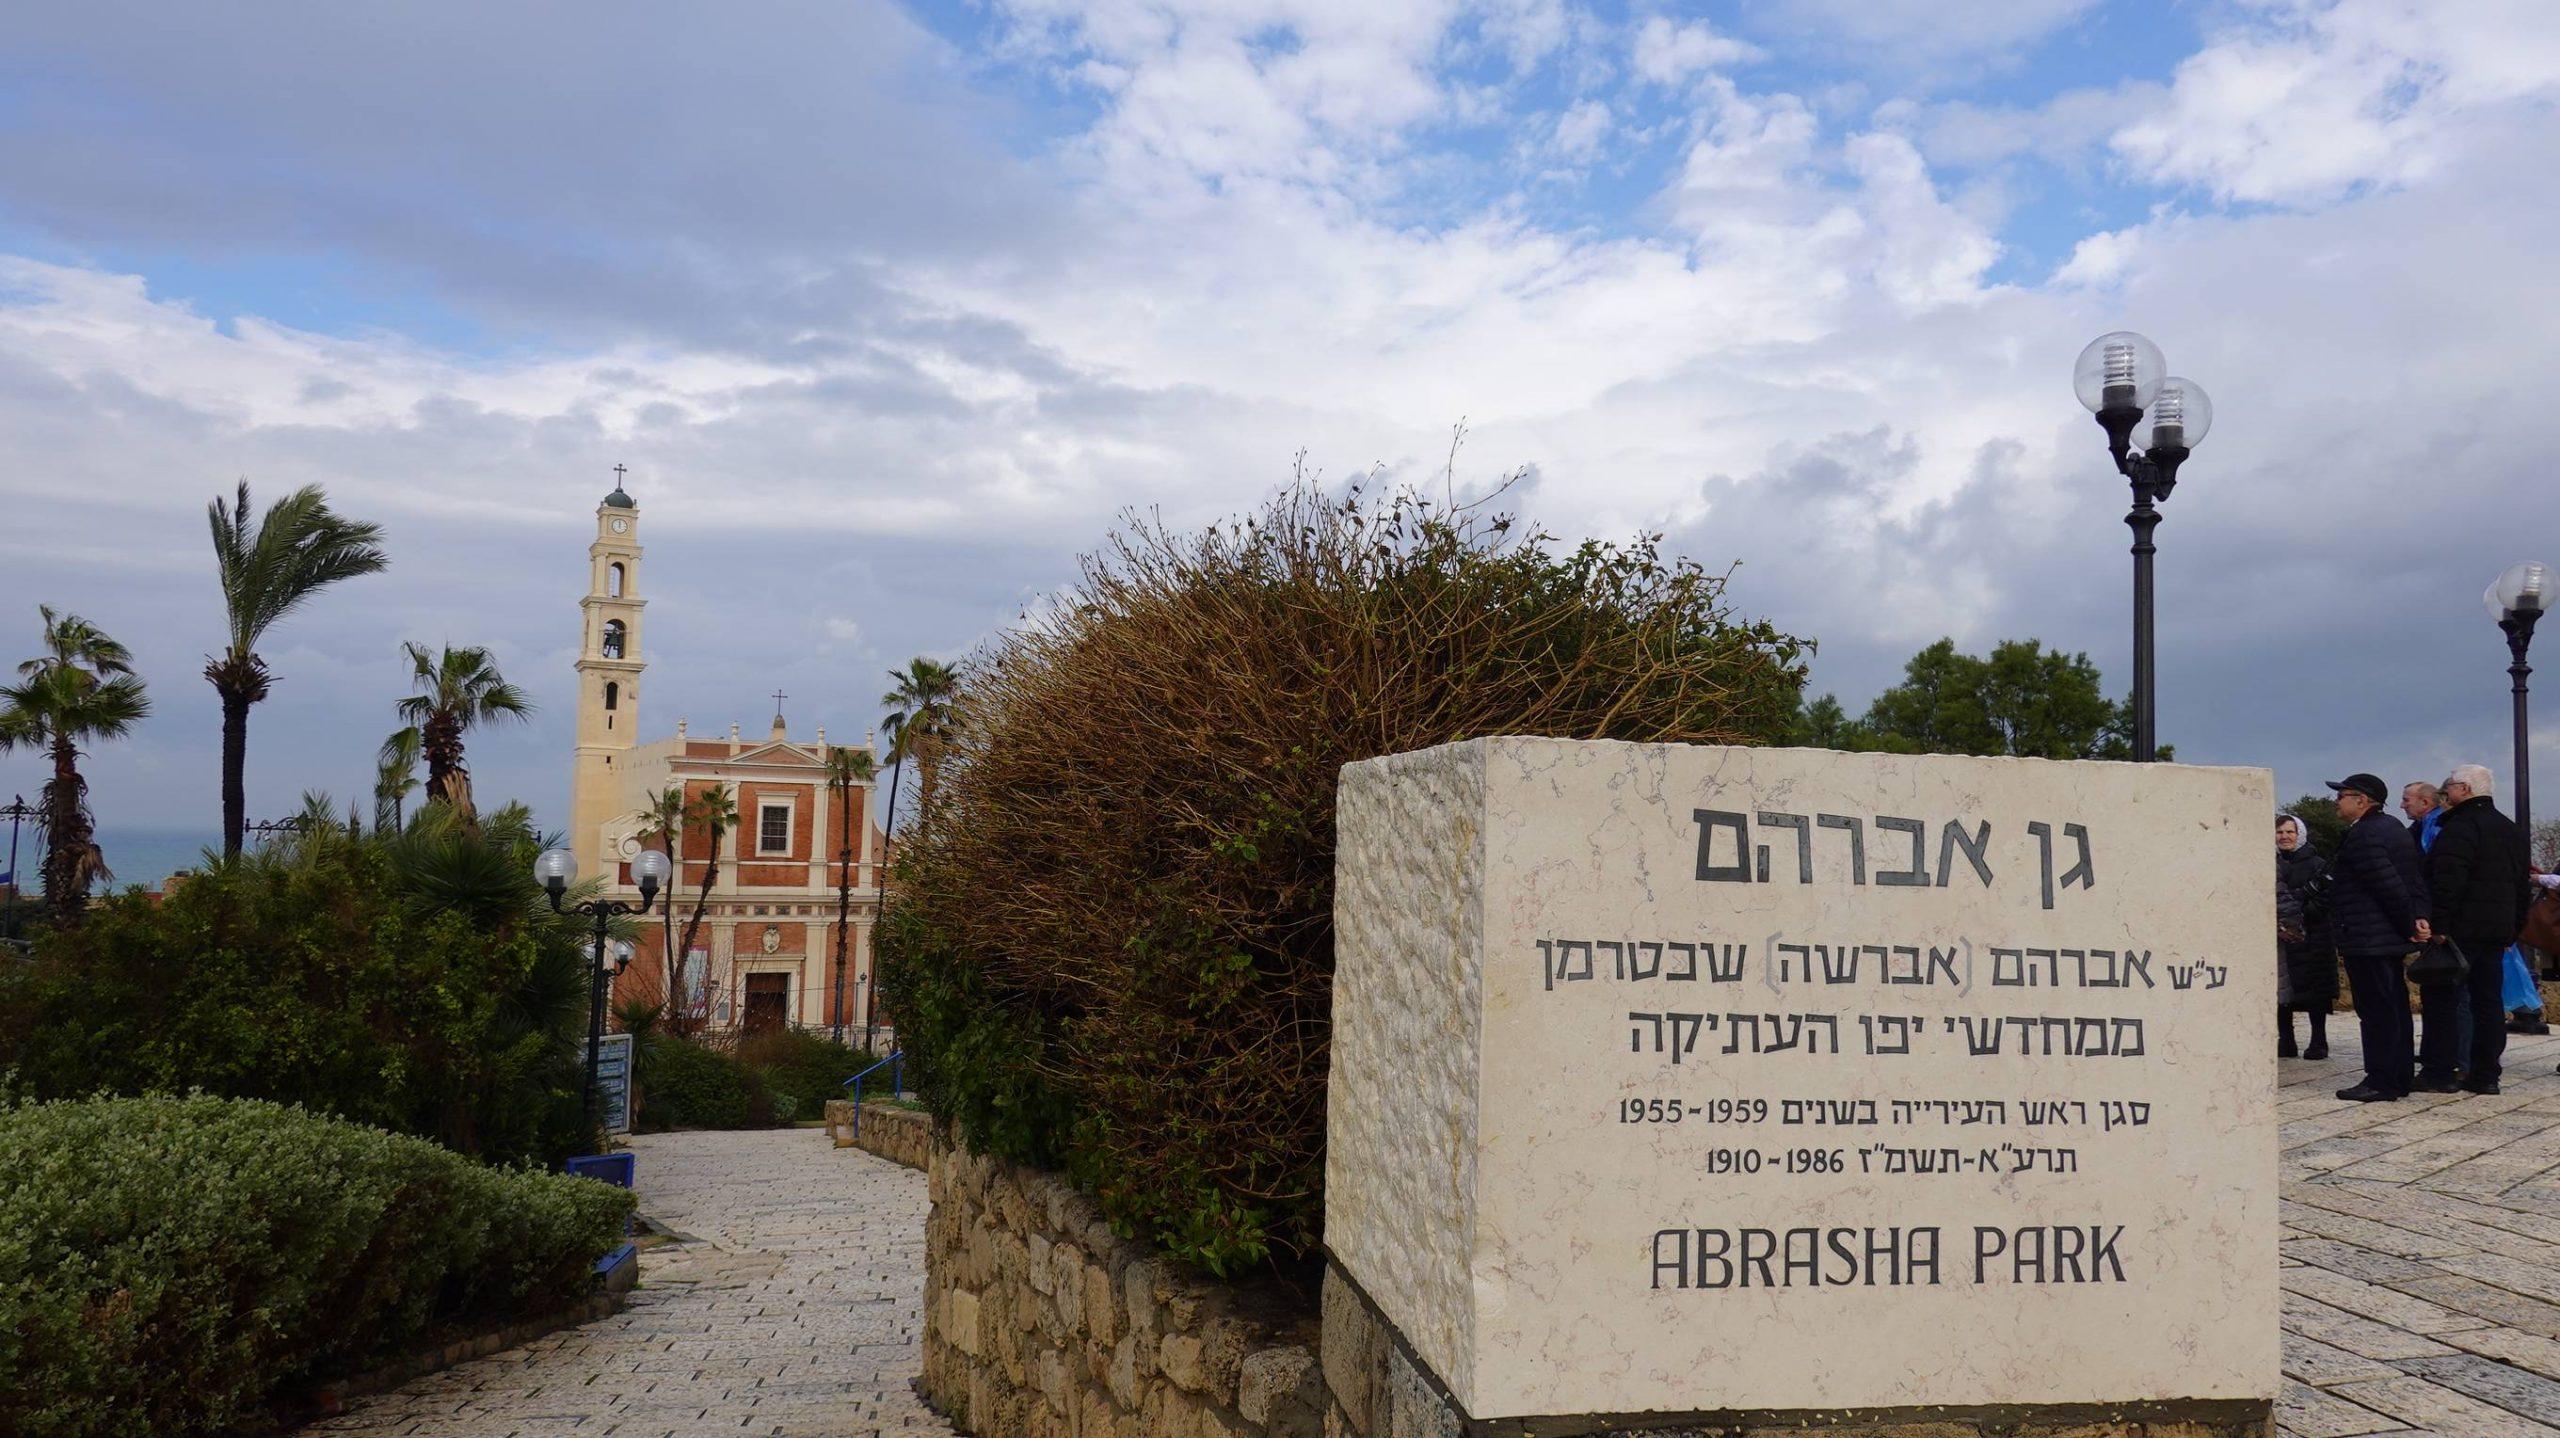 以色列自由行 必去行程景點:特拉維夫,雅法古城一日遊 ,景點,交通全攻略 - 拉傻去哪兒 Lasha